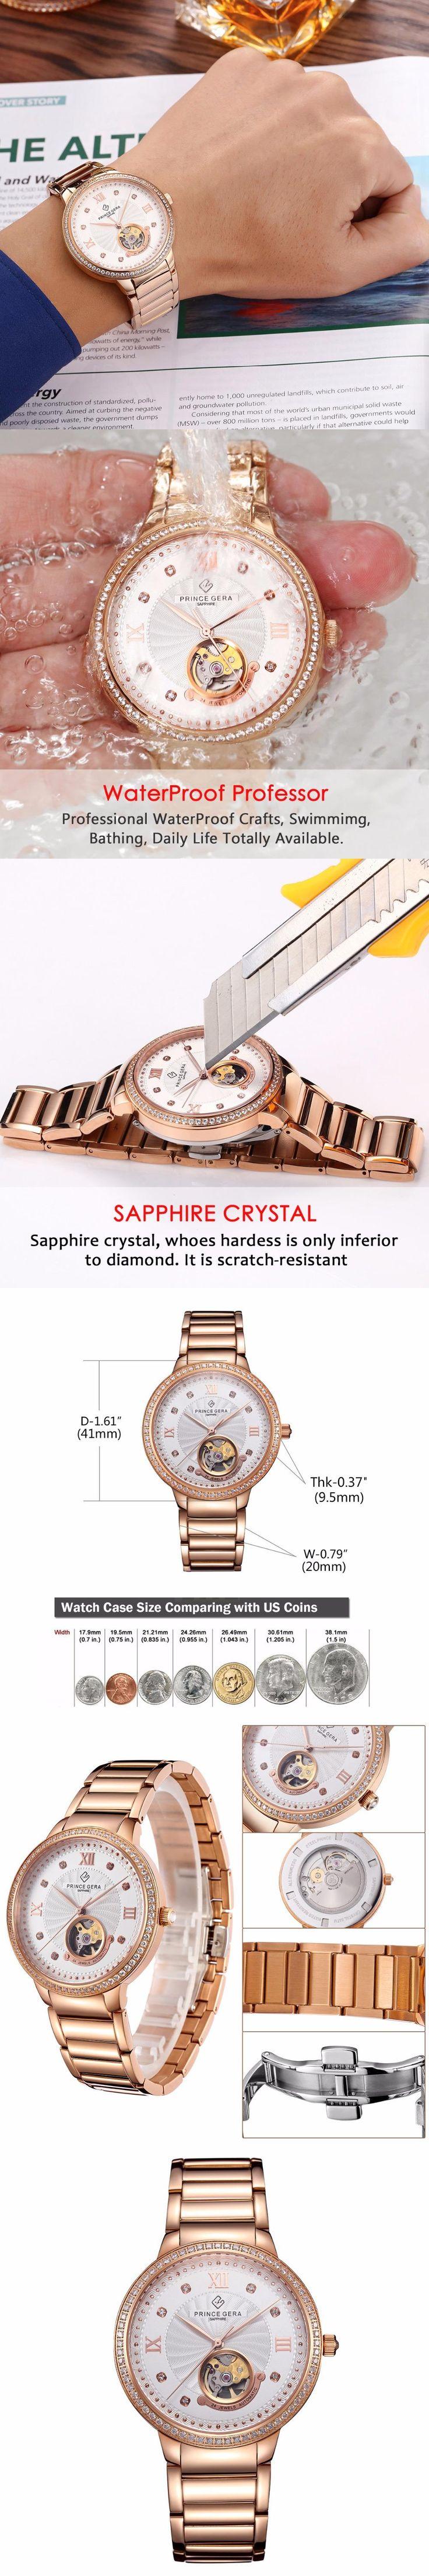 PRINCE GERA Rose Gold Couple's Tourbillon Luxury Dress Watch 24 Jewel Japanese Movement Automatic Mechanical Wrist Watch